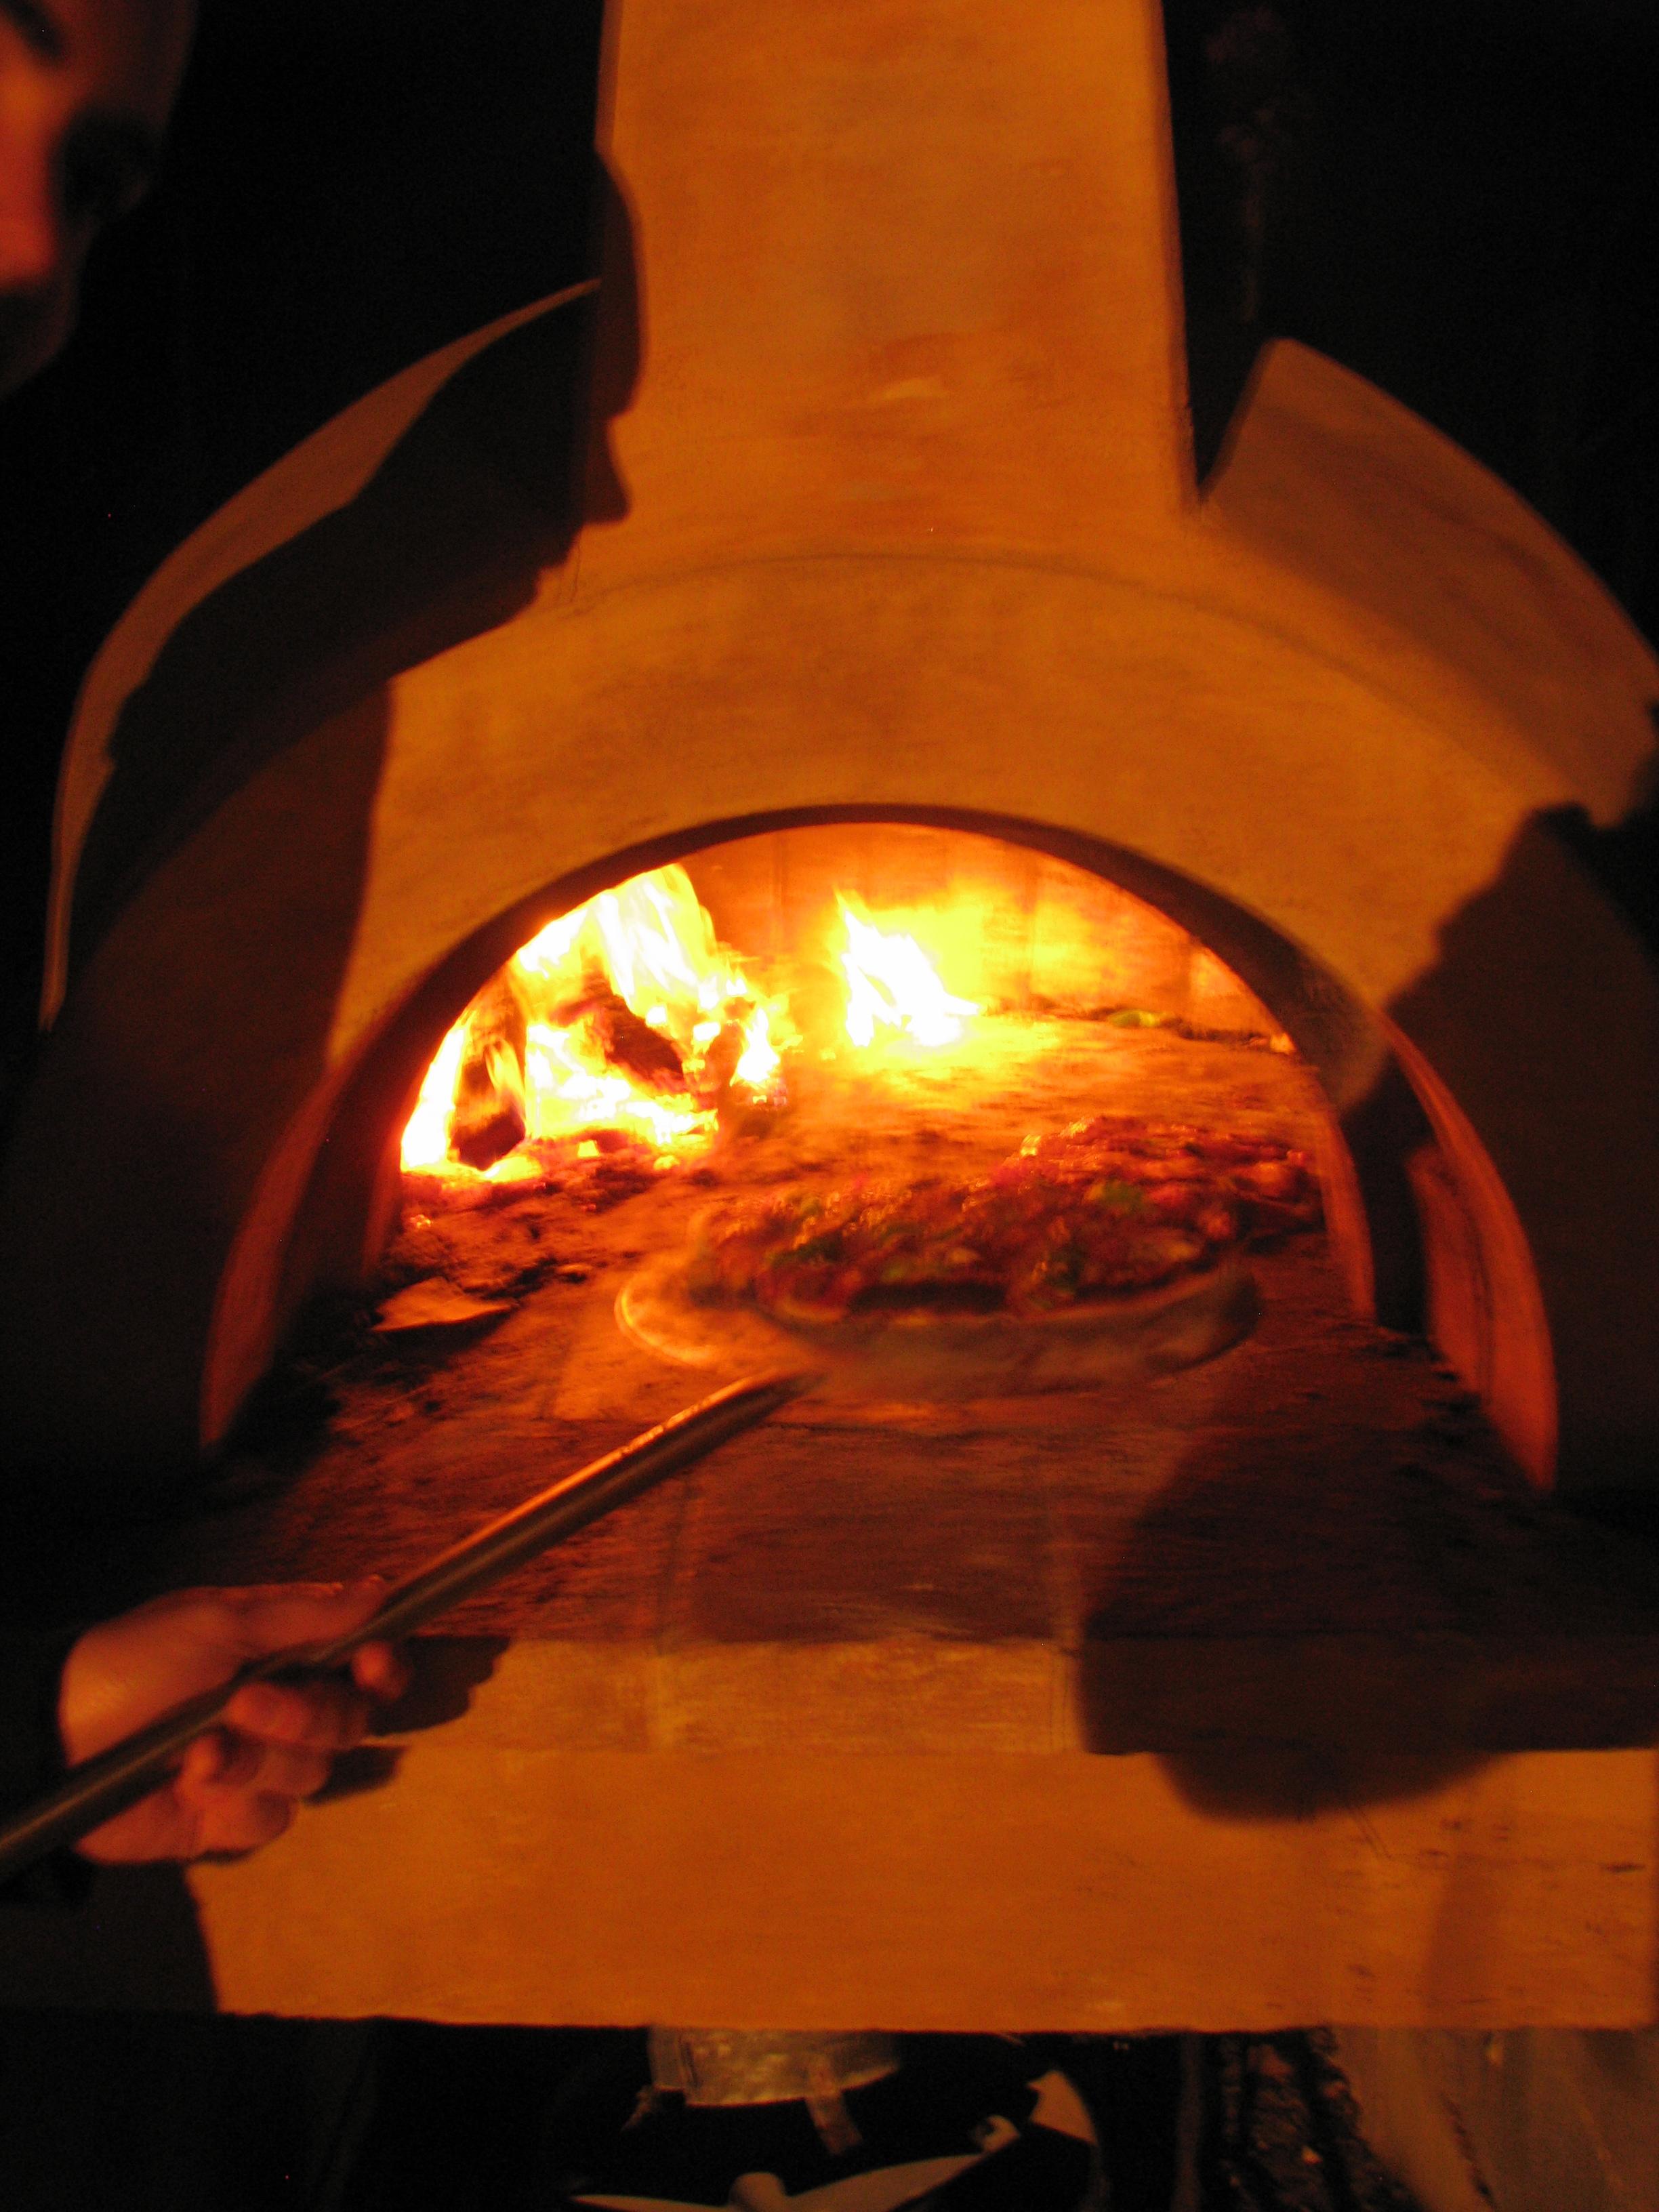 clay pizza oven ordinary 2 extraordinary